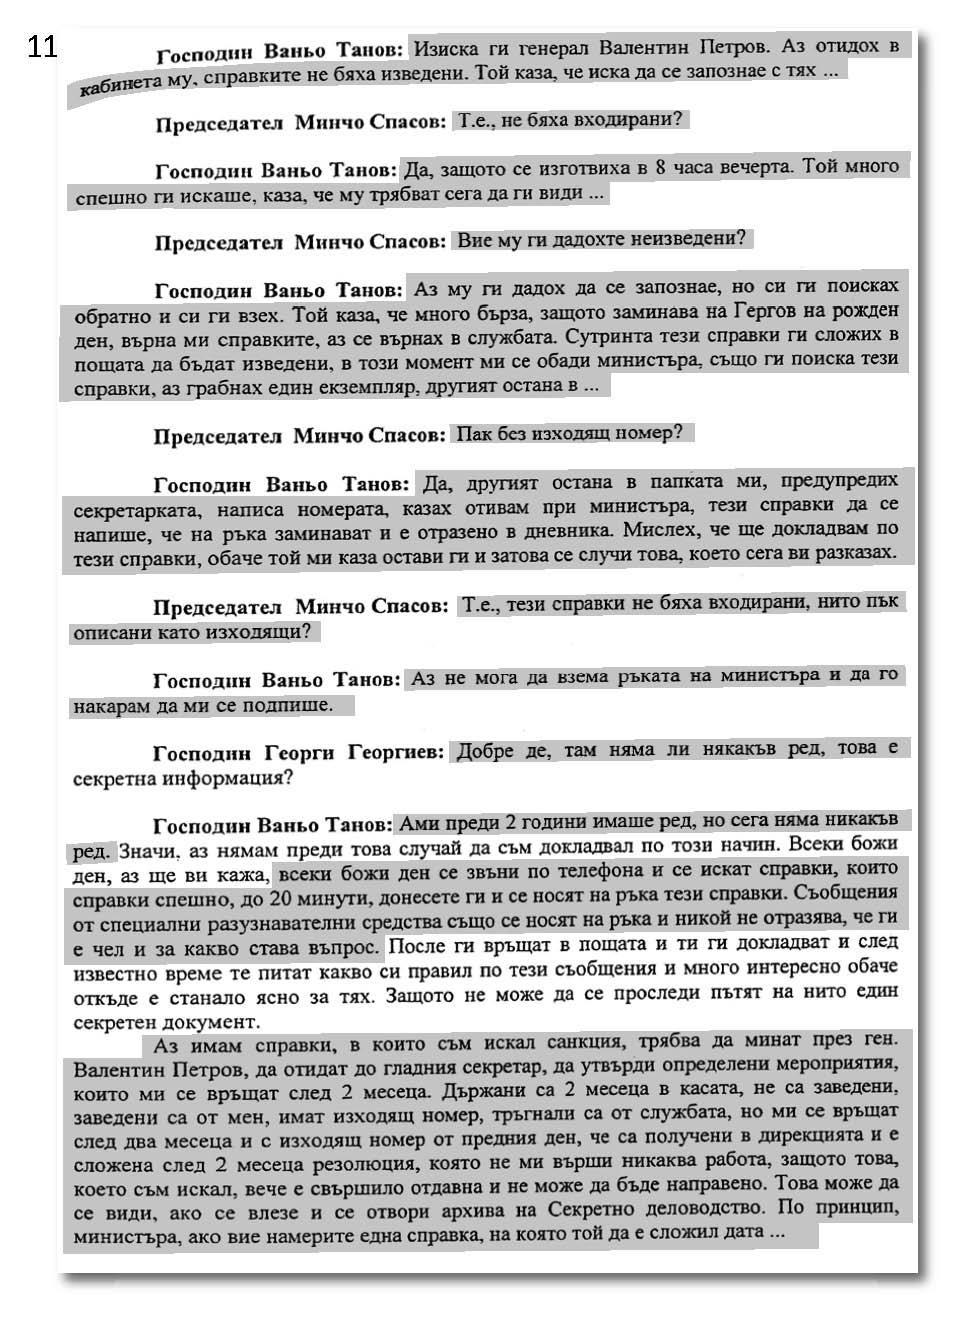 stenograma_page_11